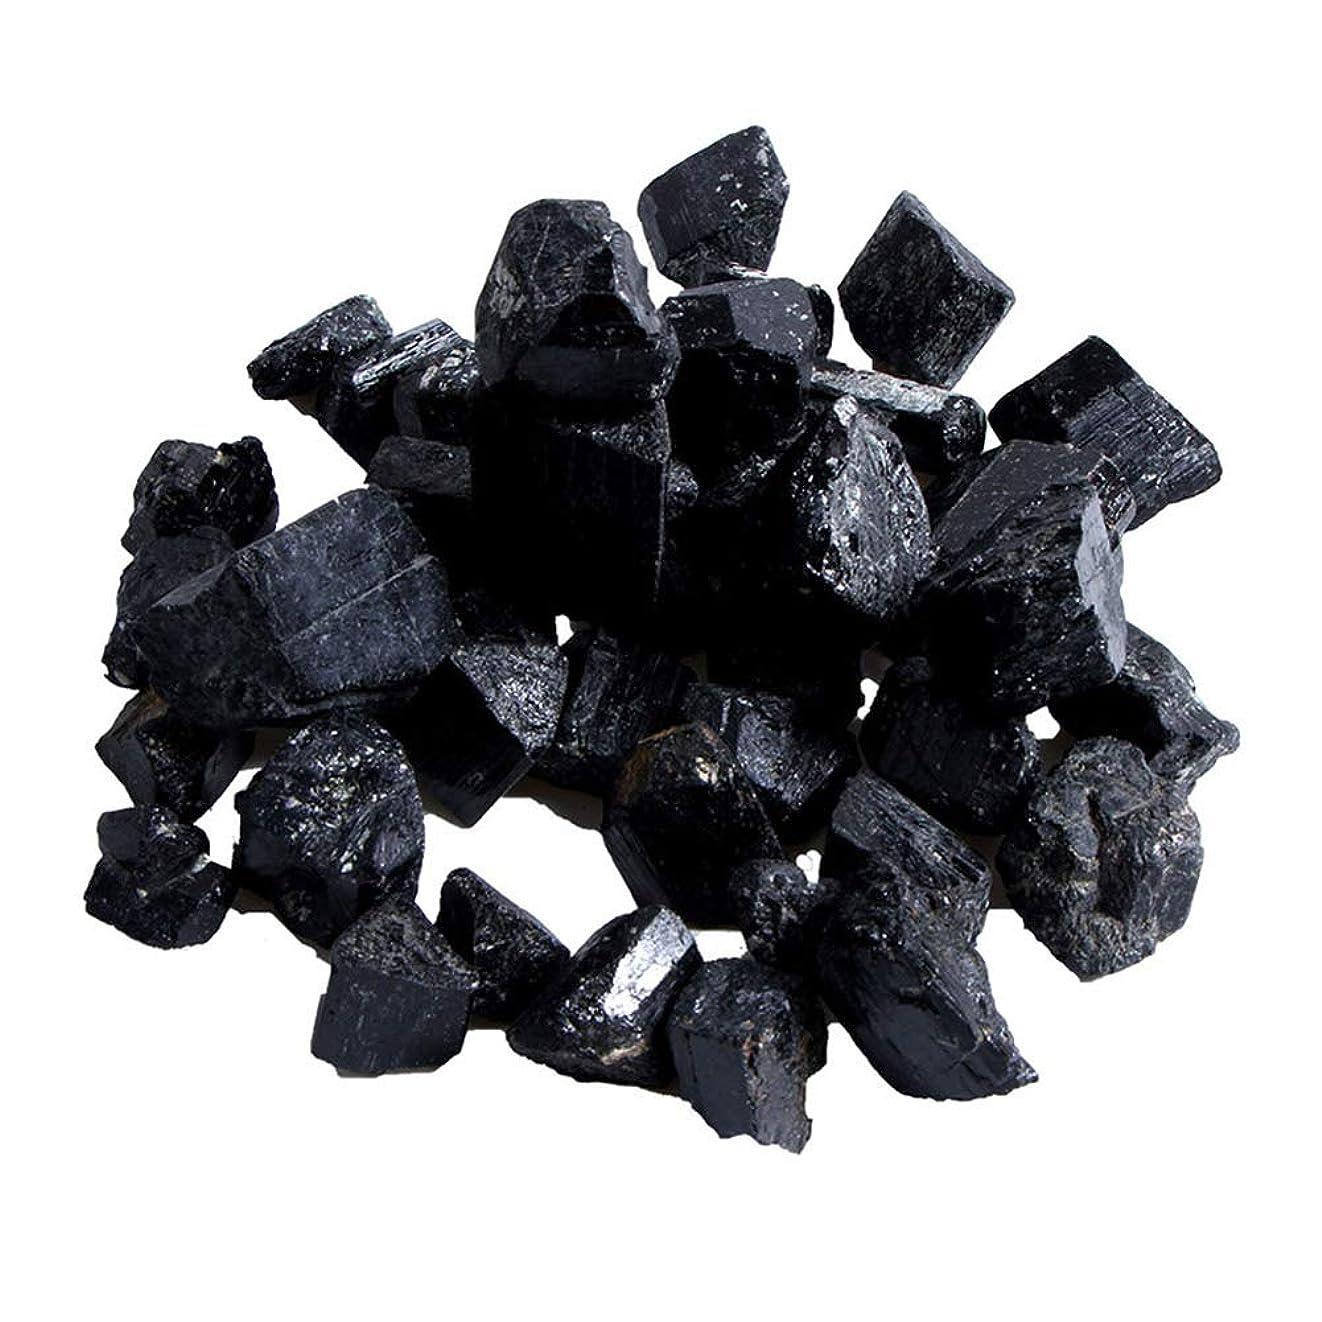 作りこどもの宮殿簿記係Funtoget 蒸し部屋用の天然黒トルマリンクリスタルラフストーンロック鉱物標本新しい